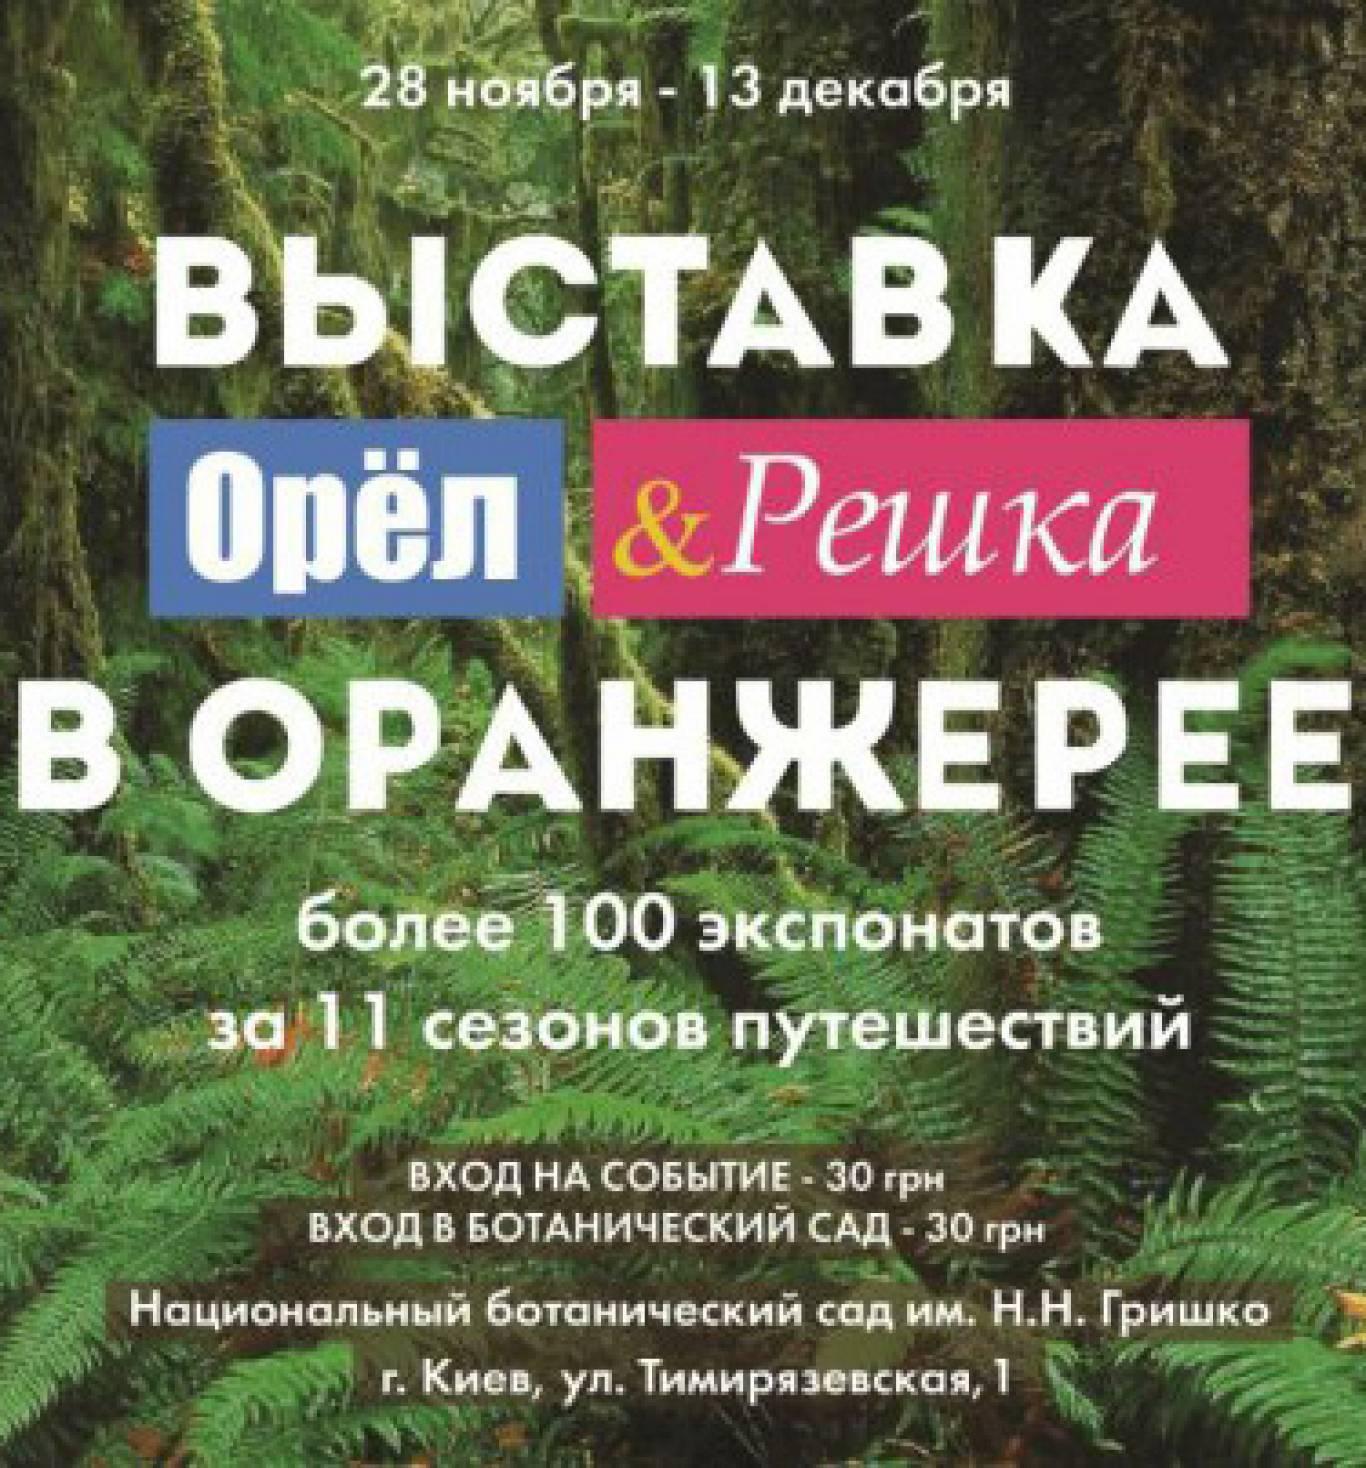 """Виставка в Національному ботанічному саду: """"Орел и Решка"""" в Оранжереї"""